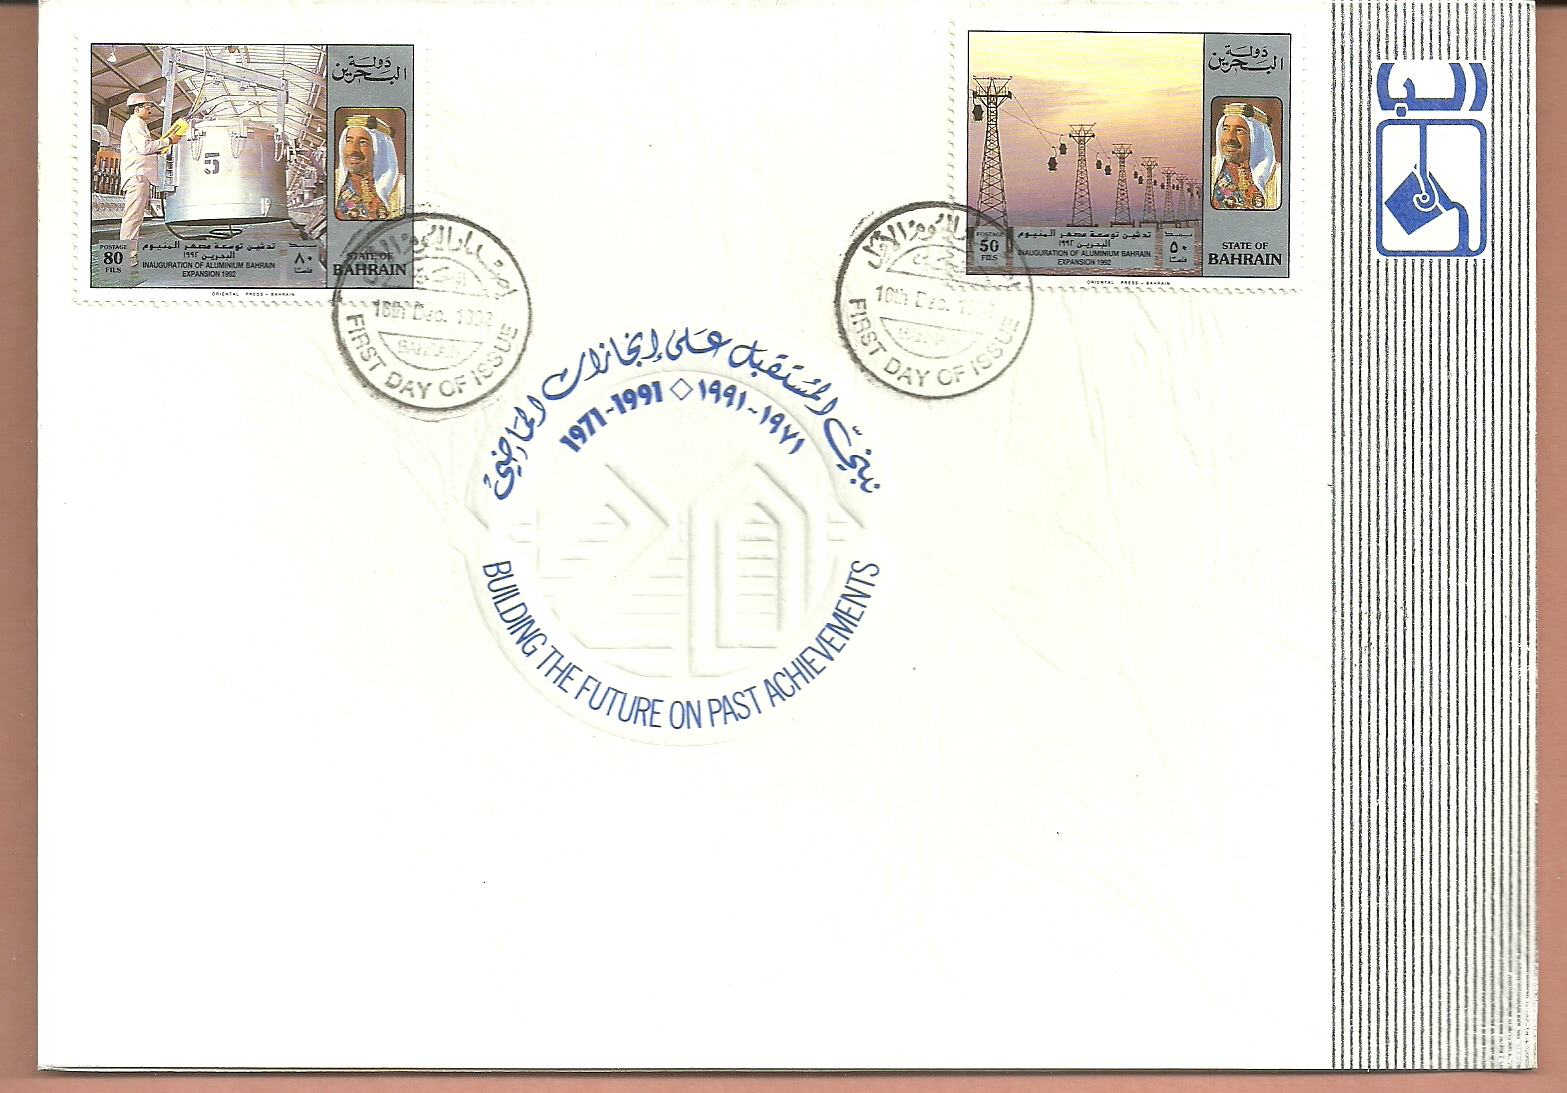 Bahrain1991 Lot # 57 - Alba Aluminum Bahrain hard card Invetation